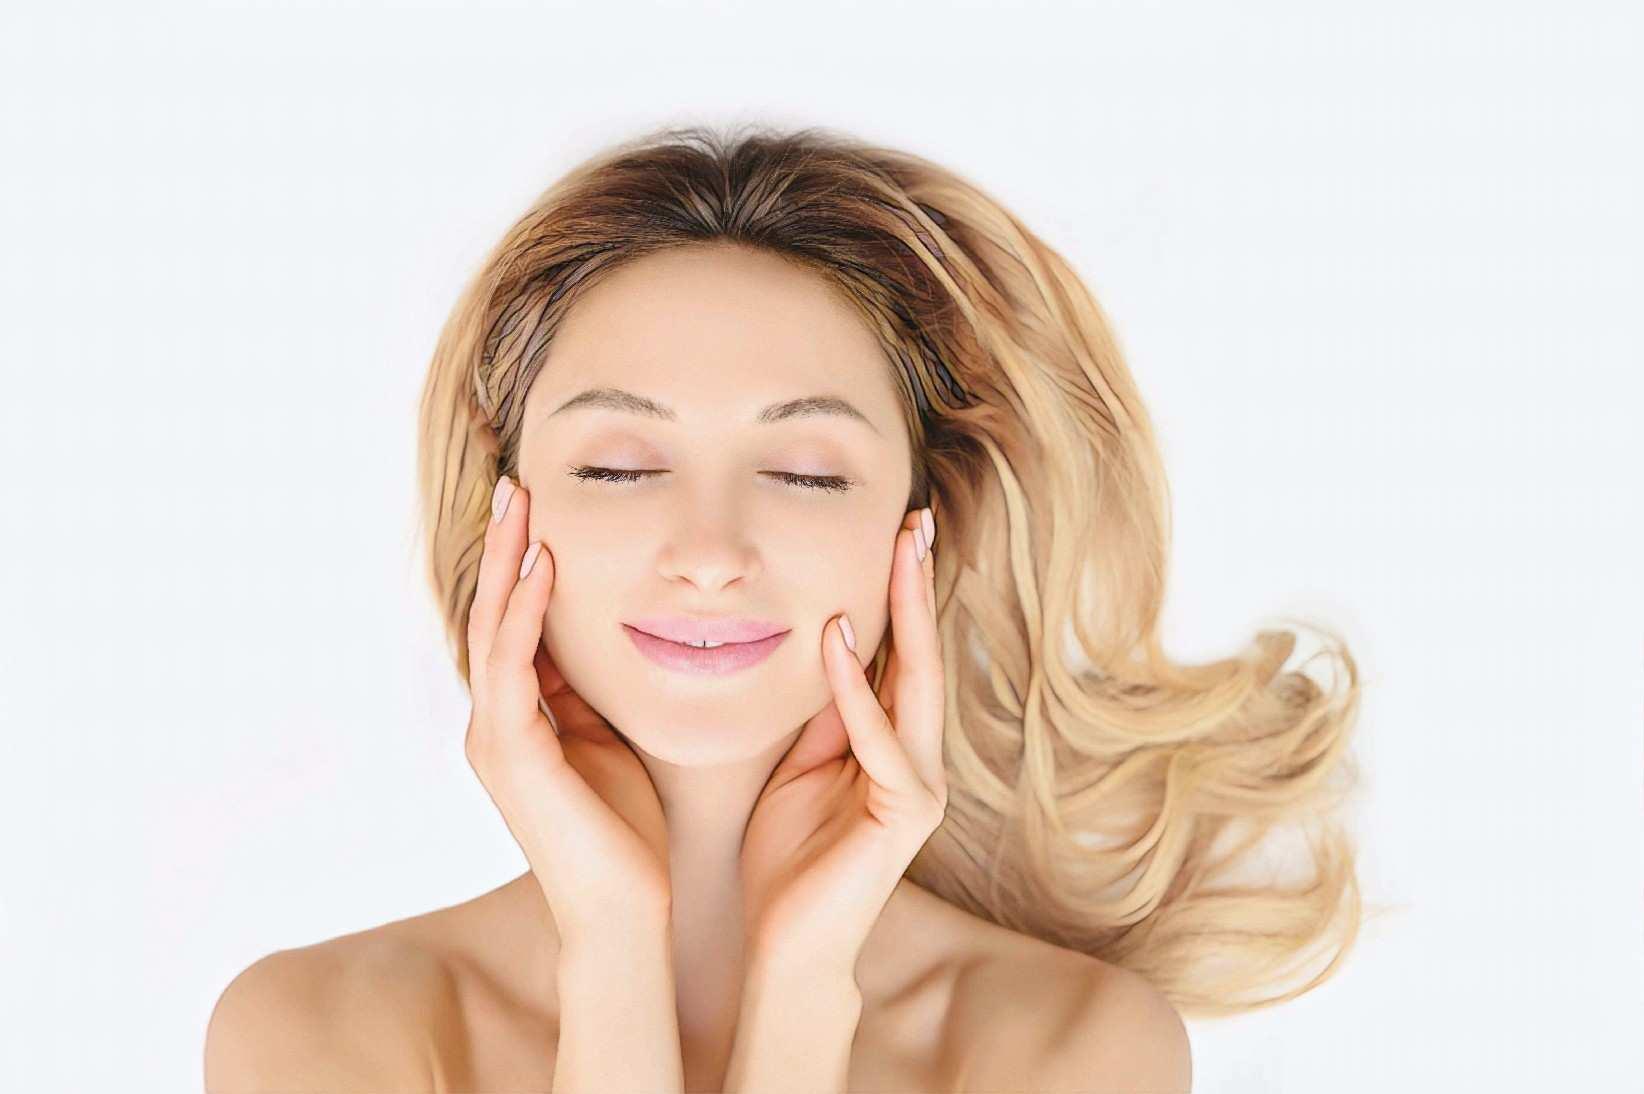 эффект от химического пилинга кожи лица